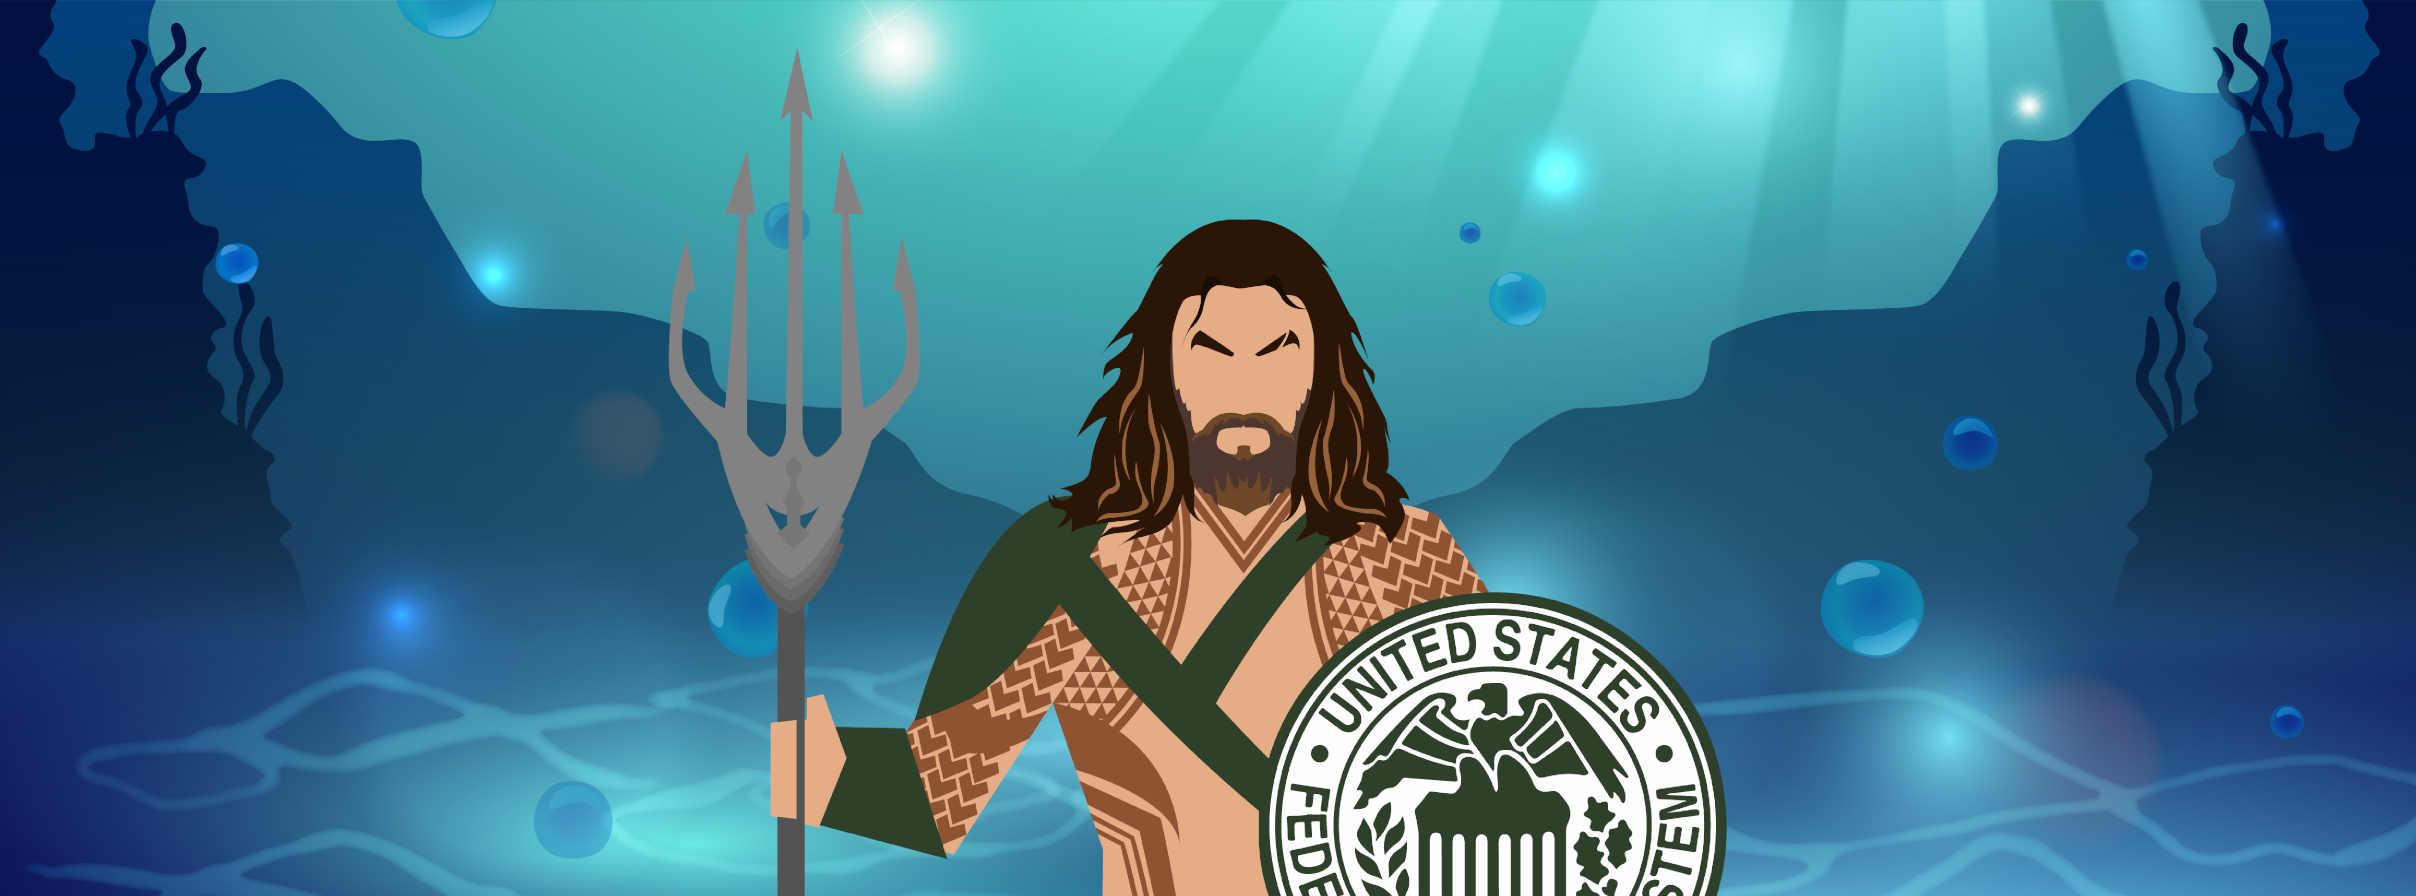 Aquaman com escudo do FED